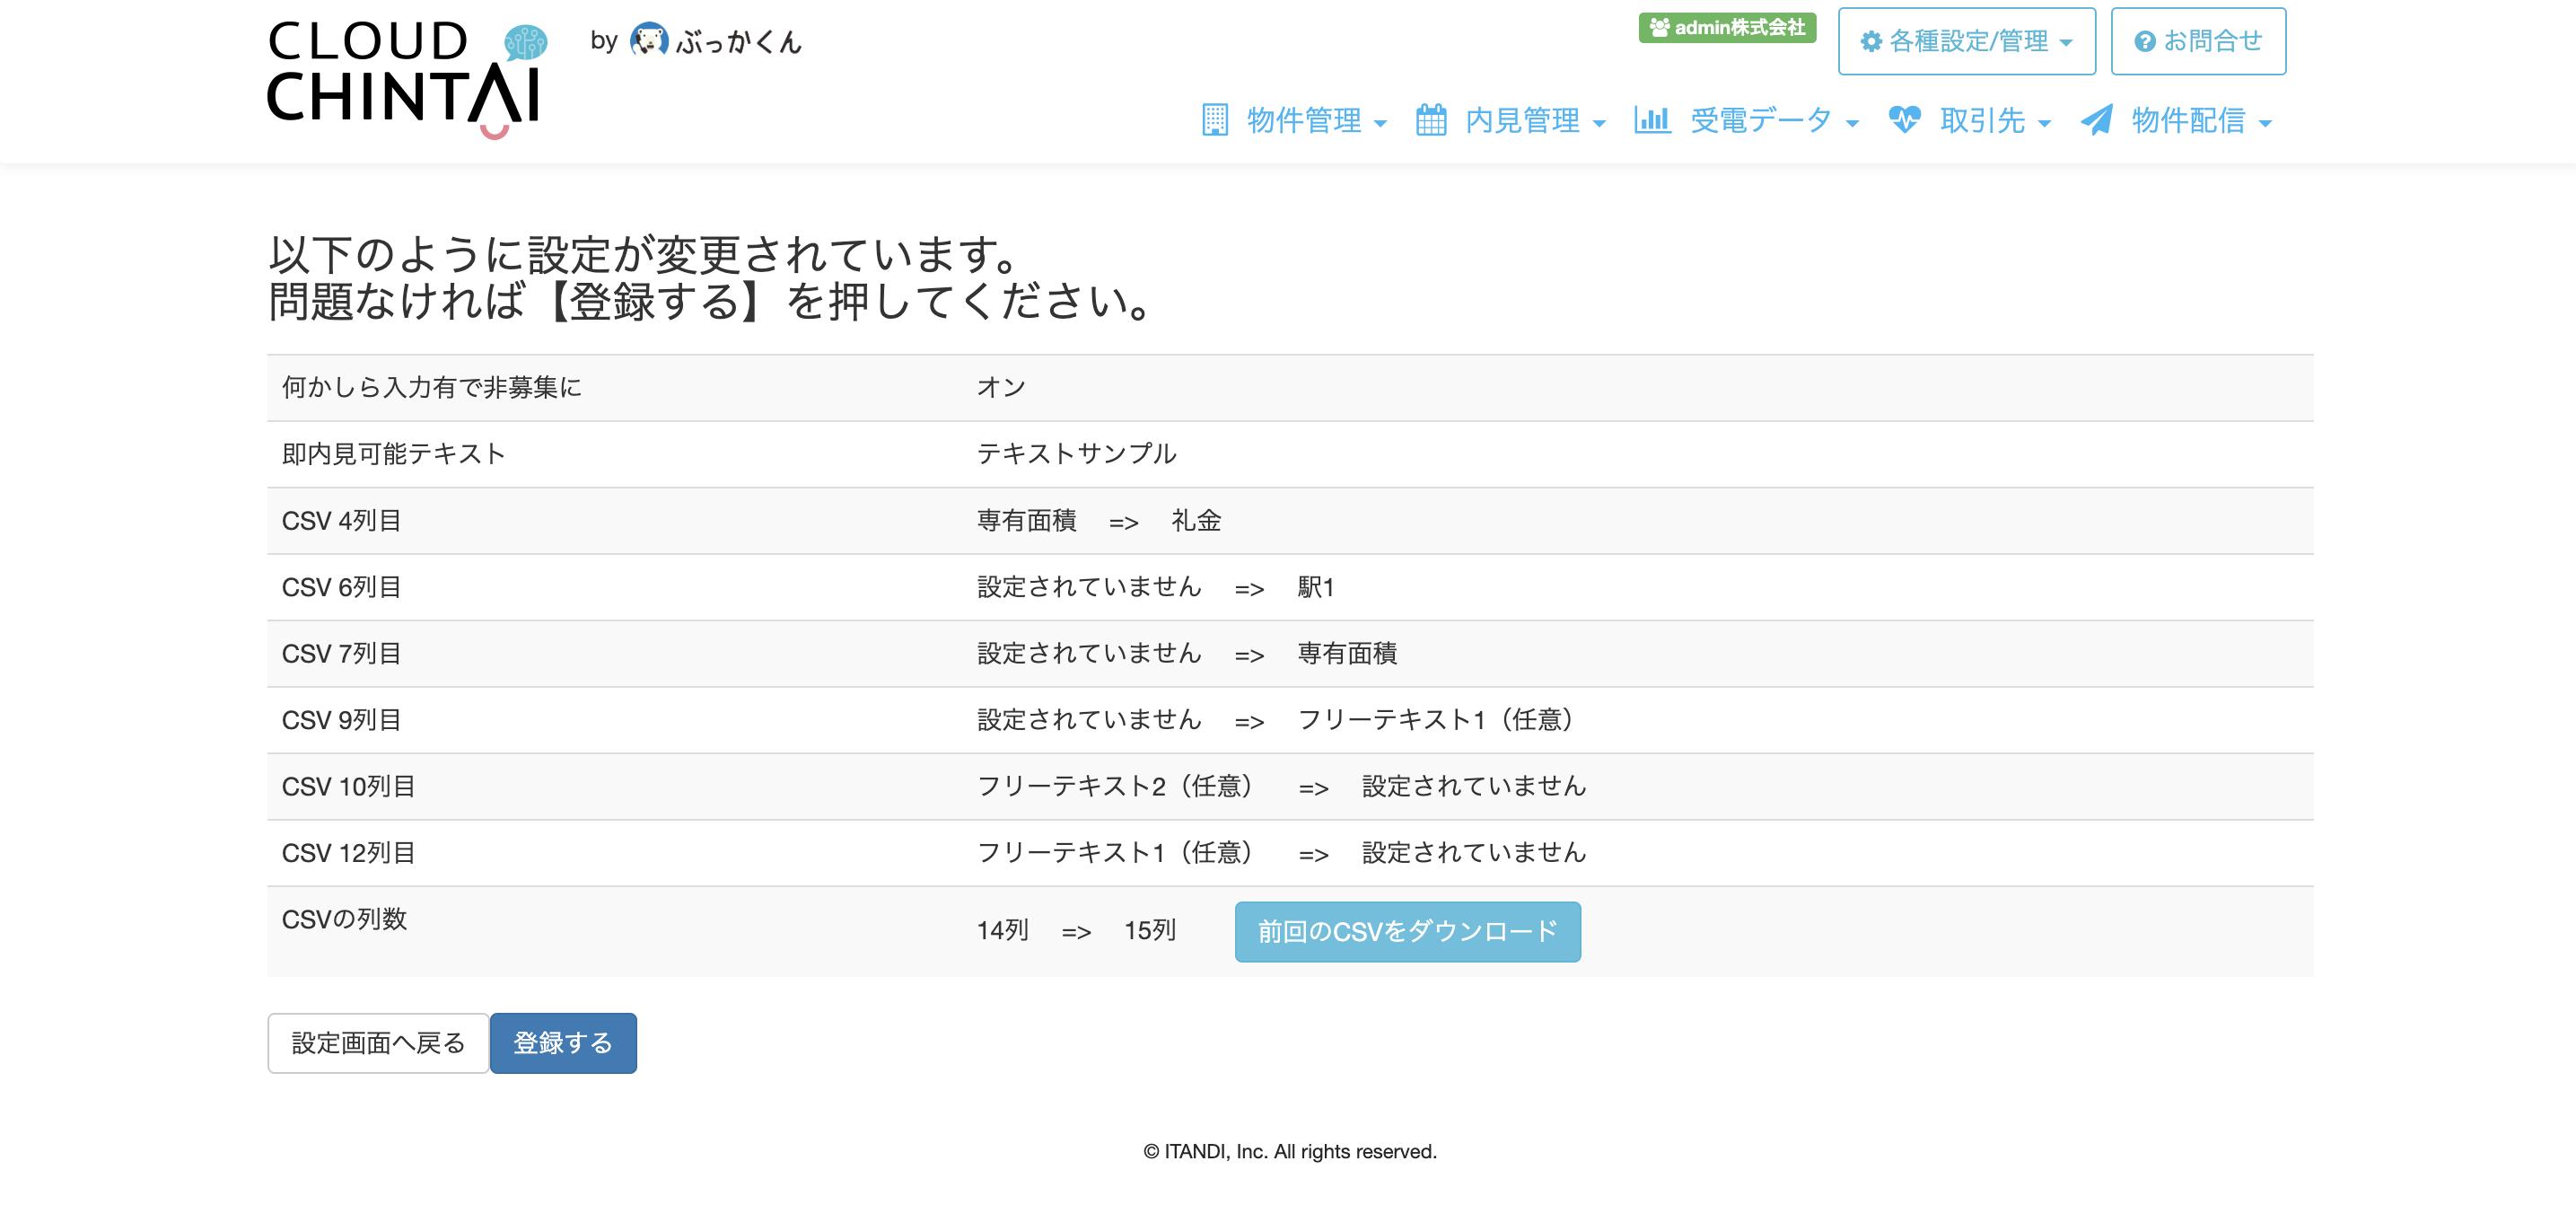 スクリーンショット 2019-06-12 13.40.13.png (330.7 kB)